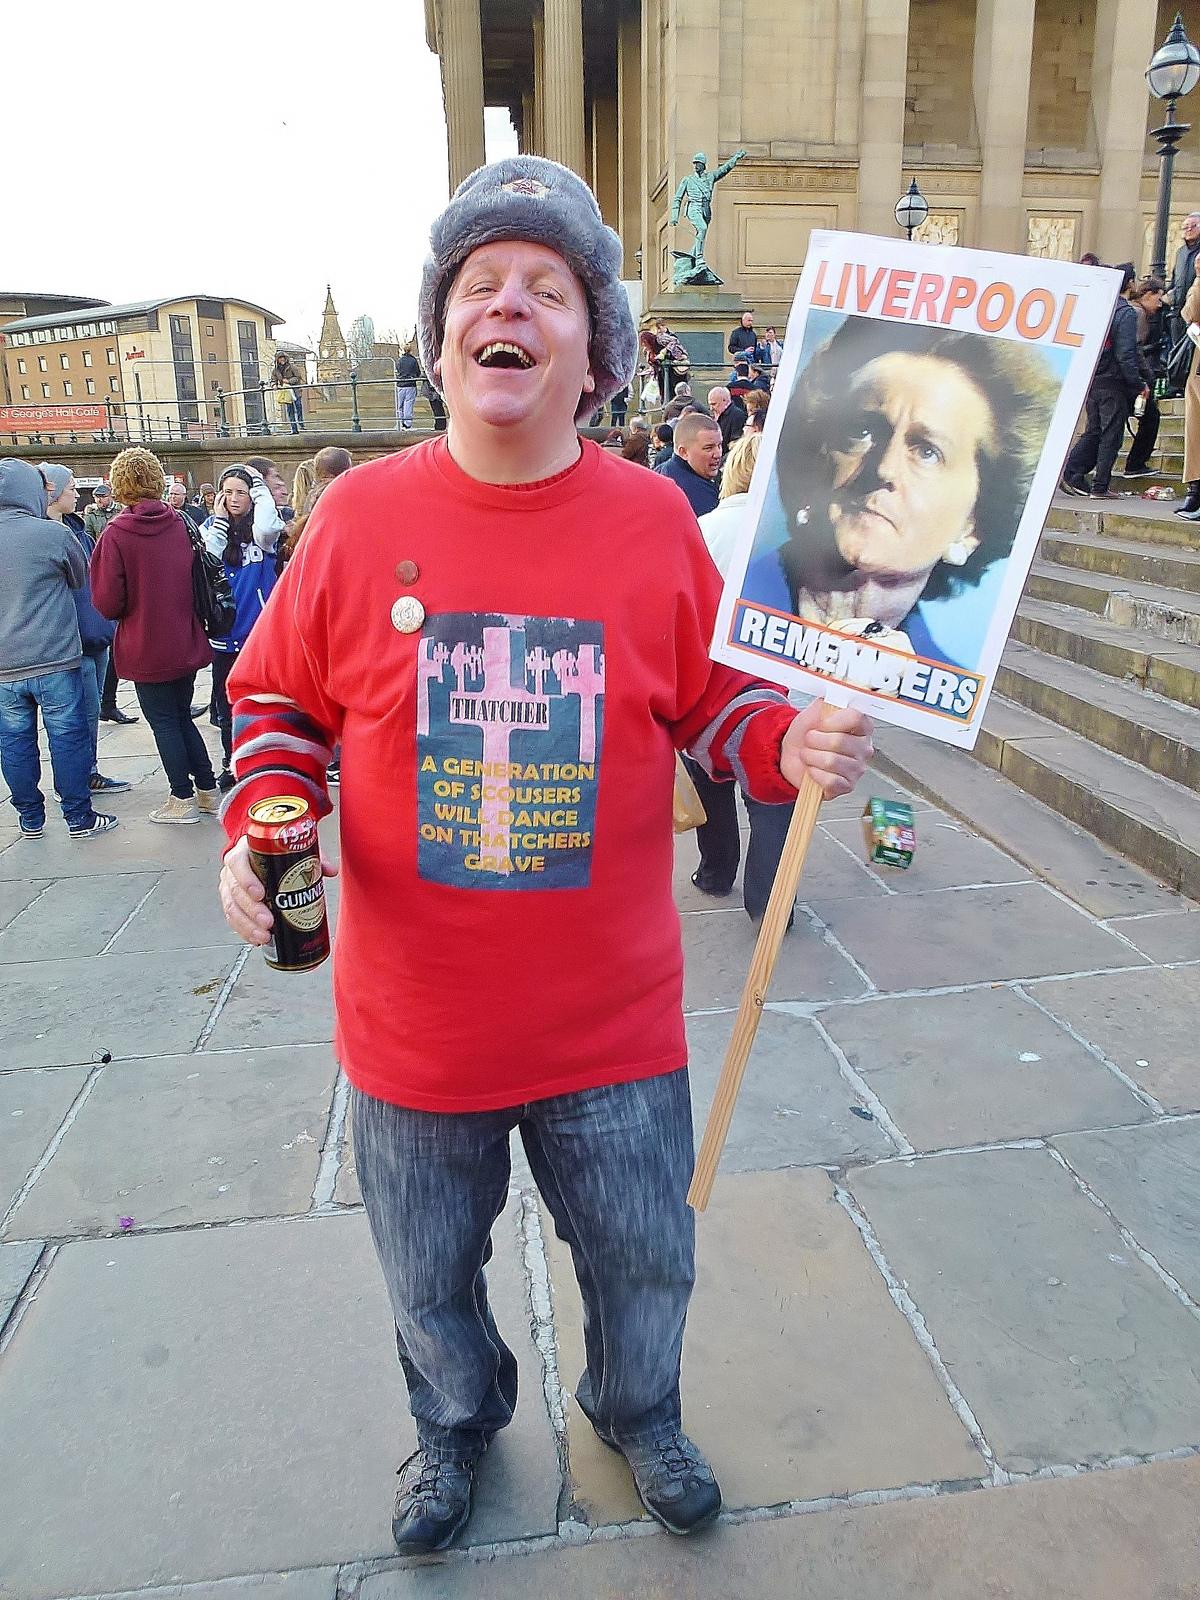 מפגין נגד תאצ'ר, אתמול בליברפול (צילום: Radarsmum67, רישיון CC BY 2.0)